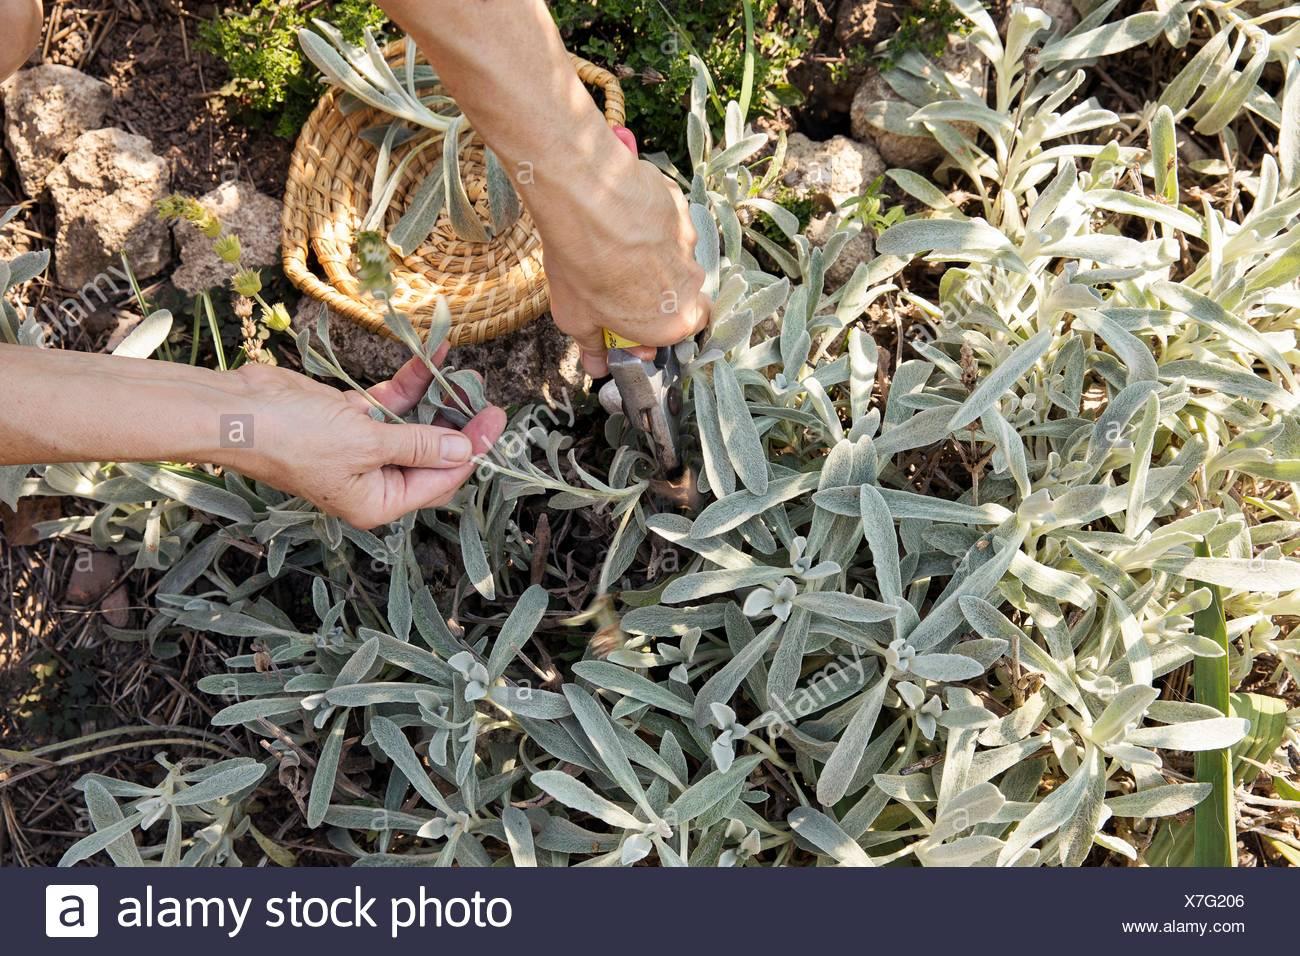 Reife Frau, die Gartenarbeit, Zerlegebetrieb mit Gartenschere, niedrige Abschnitt Stockbild